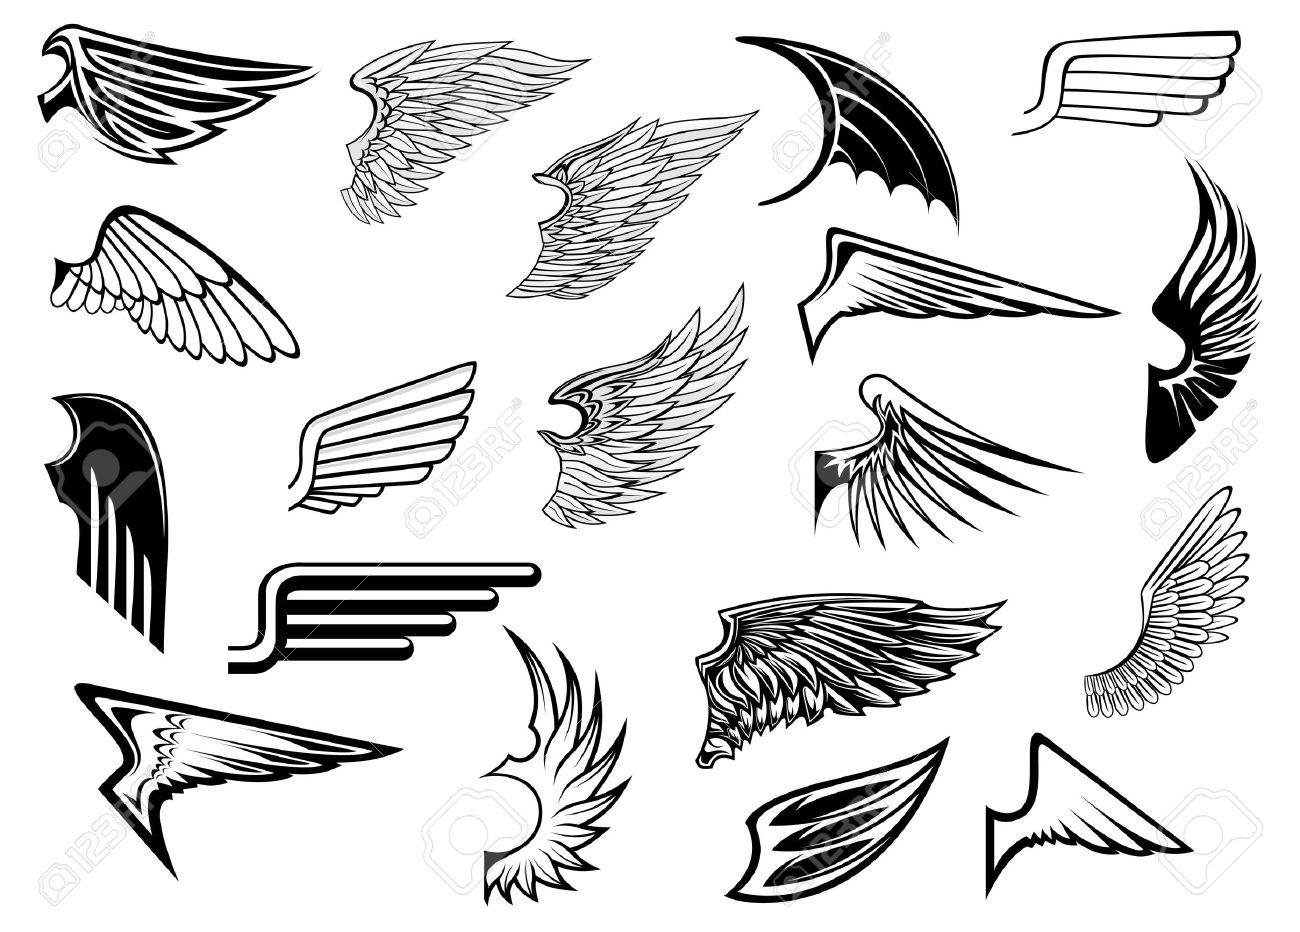 oiseaux vintages héraldiques anfd ailes d'ange fixés pour le